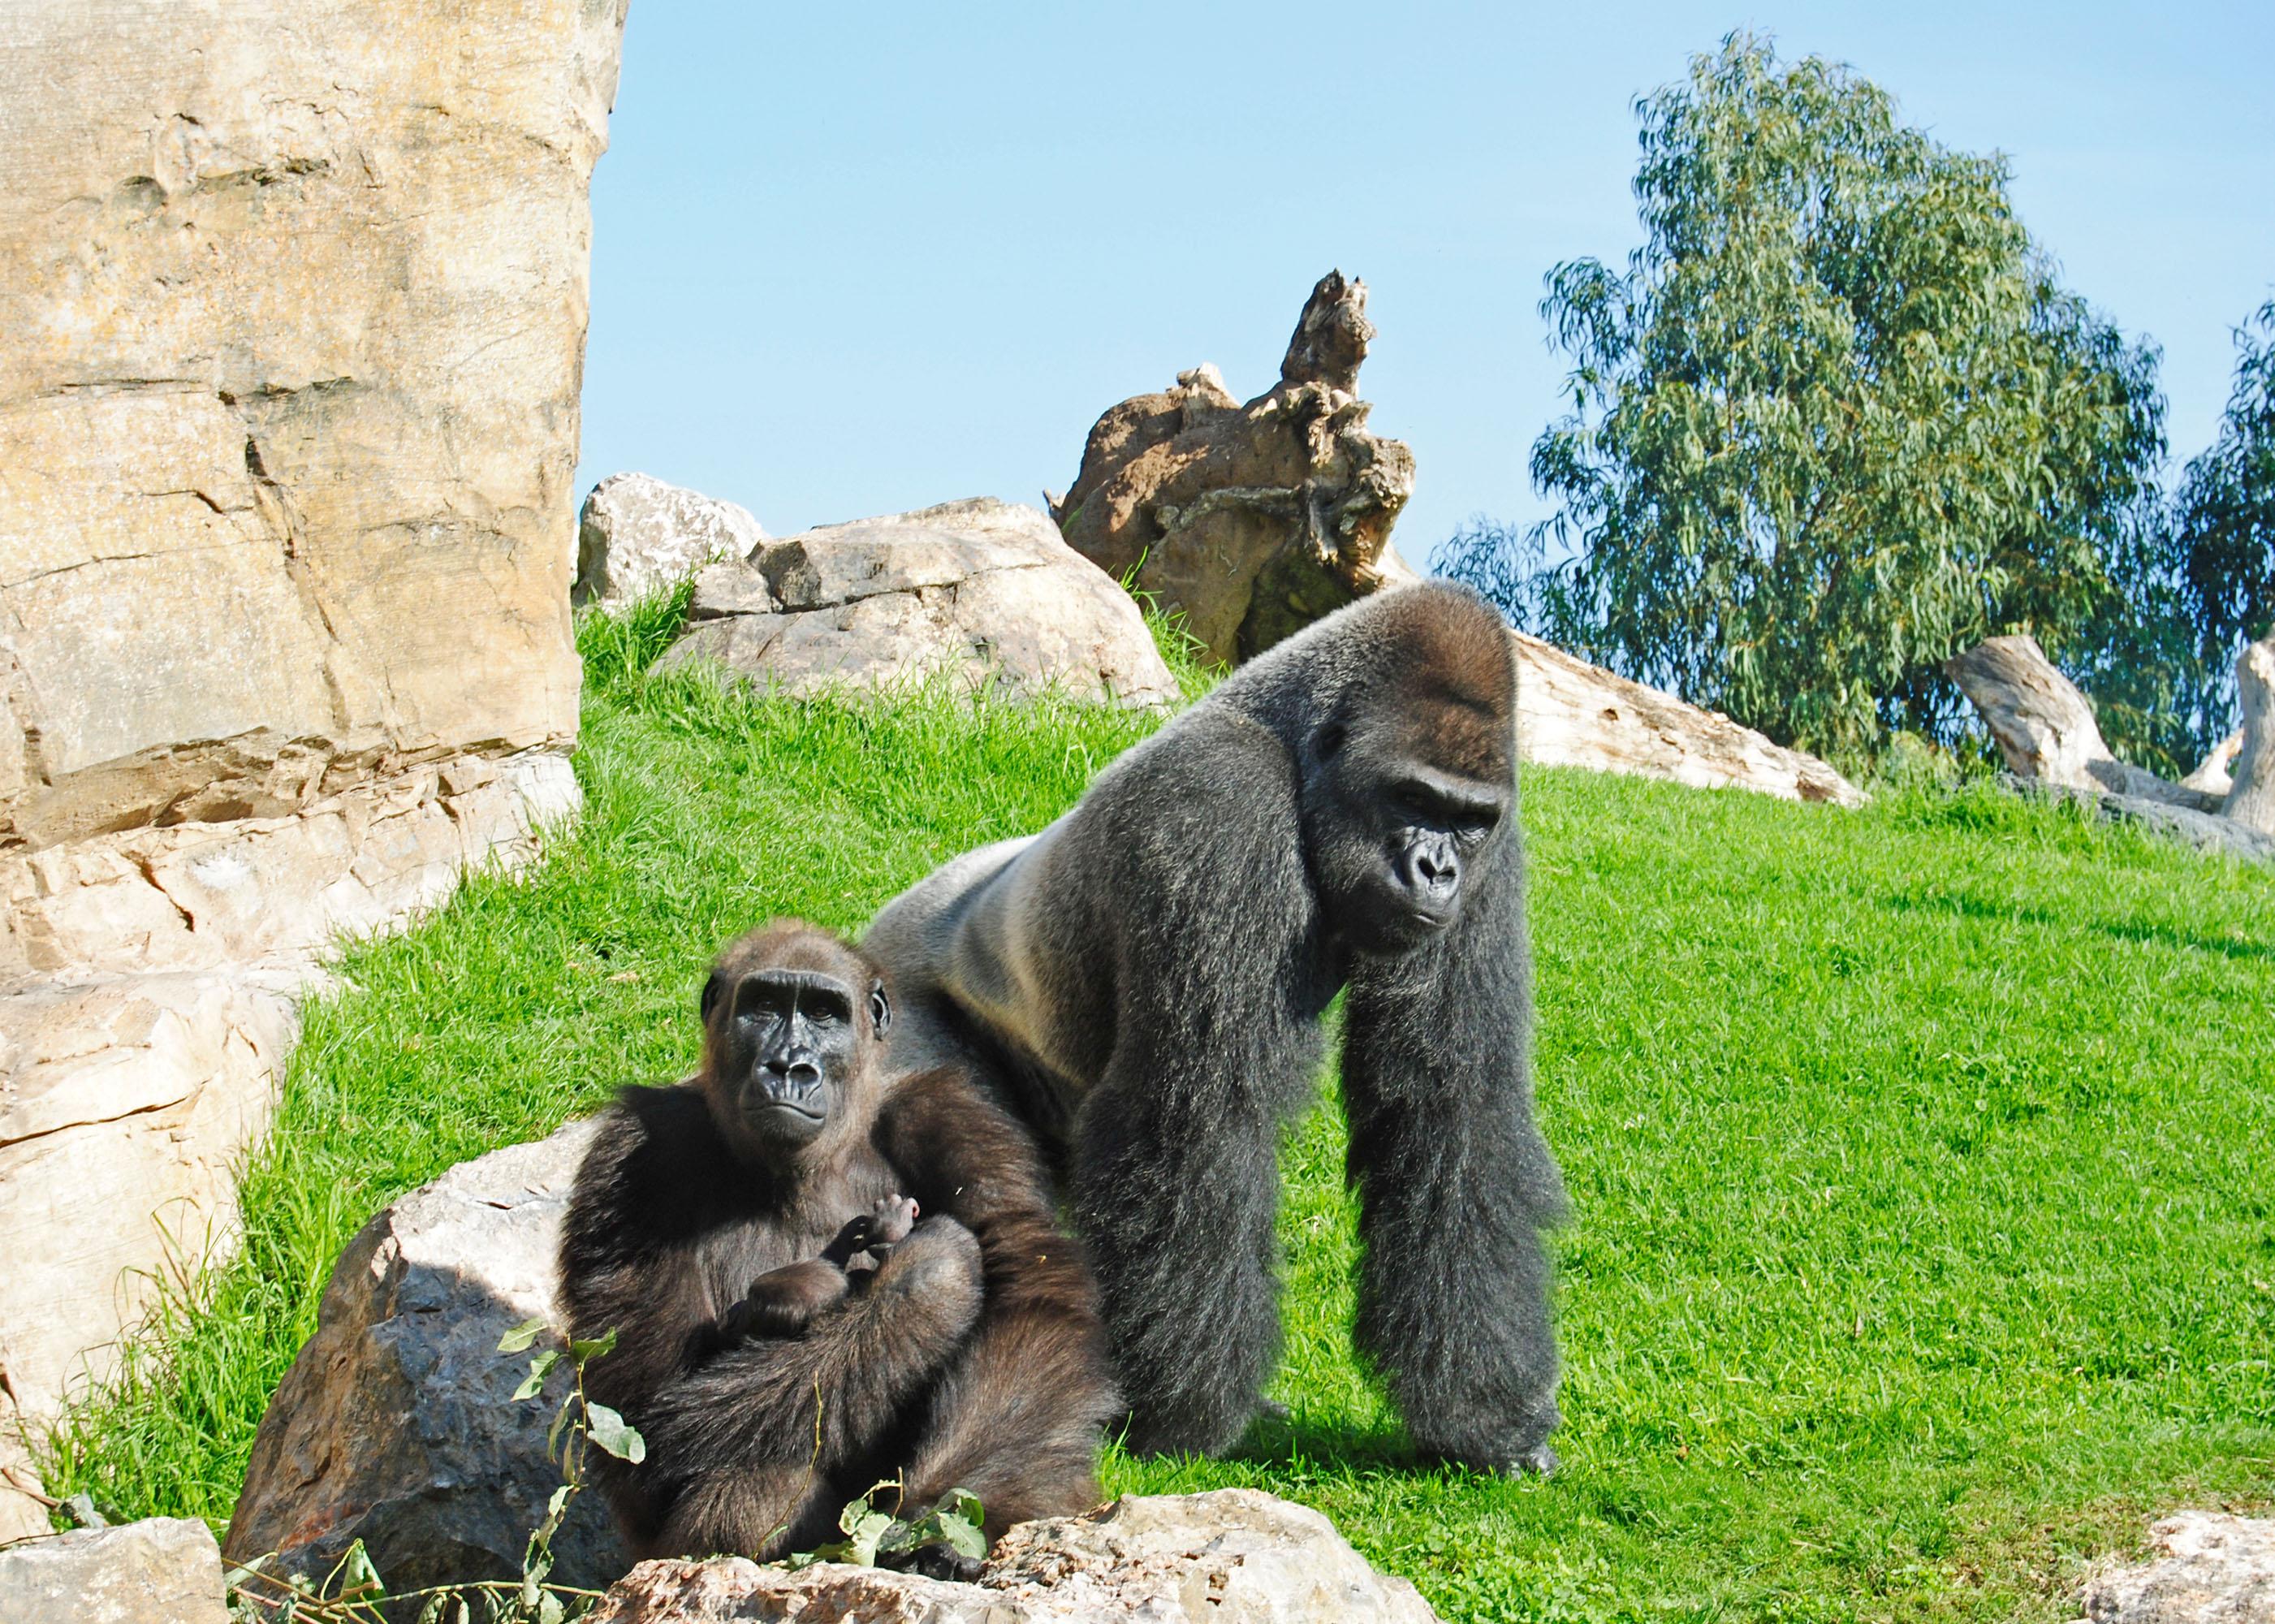 Bioparc valencia celebra el nacimiento del primer gorila oconowocc - Bioparc precios valencia ...